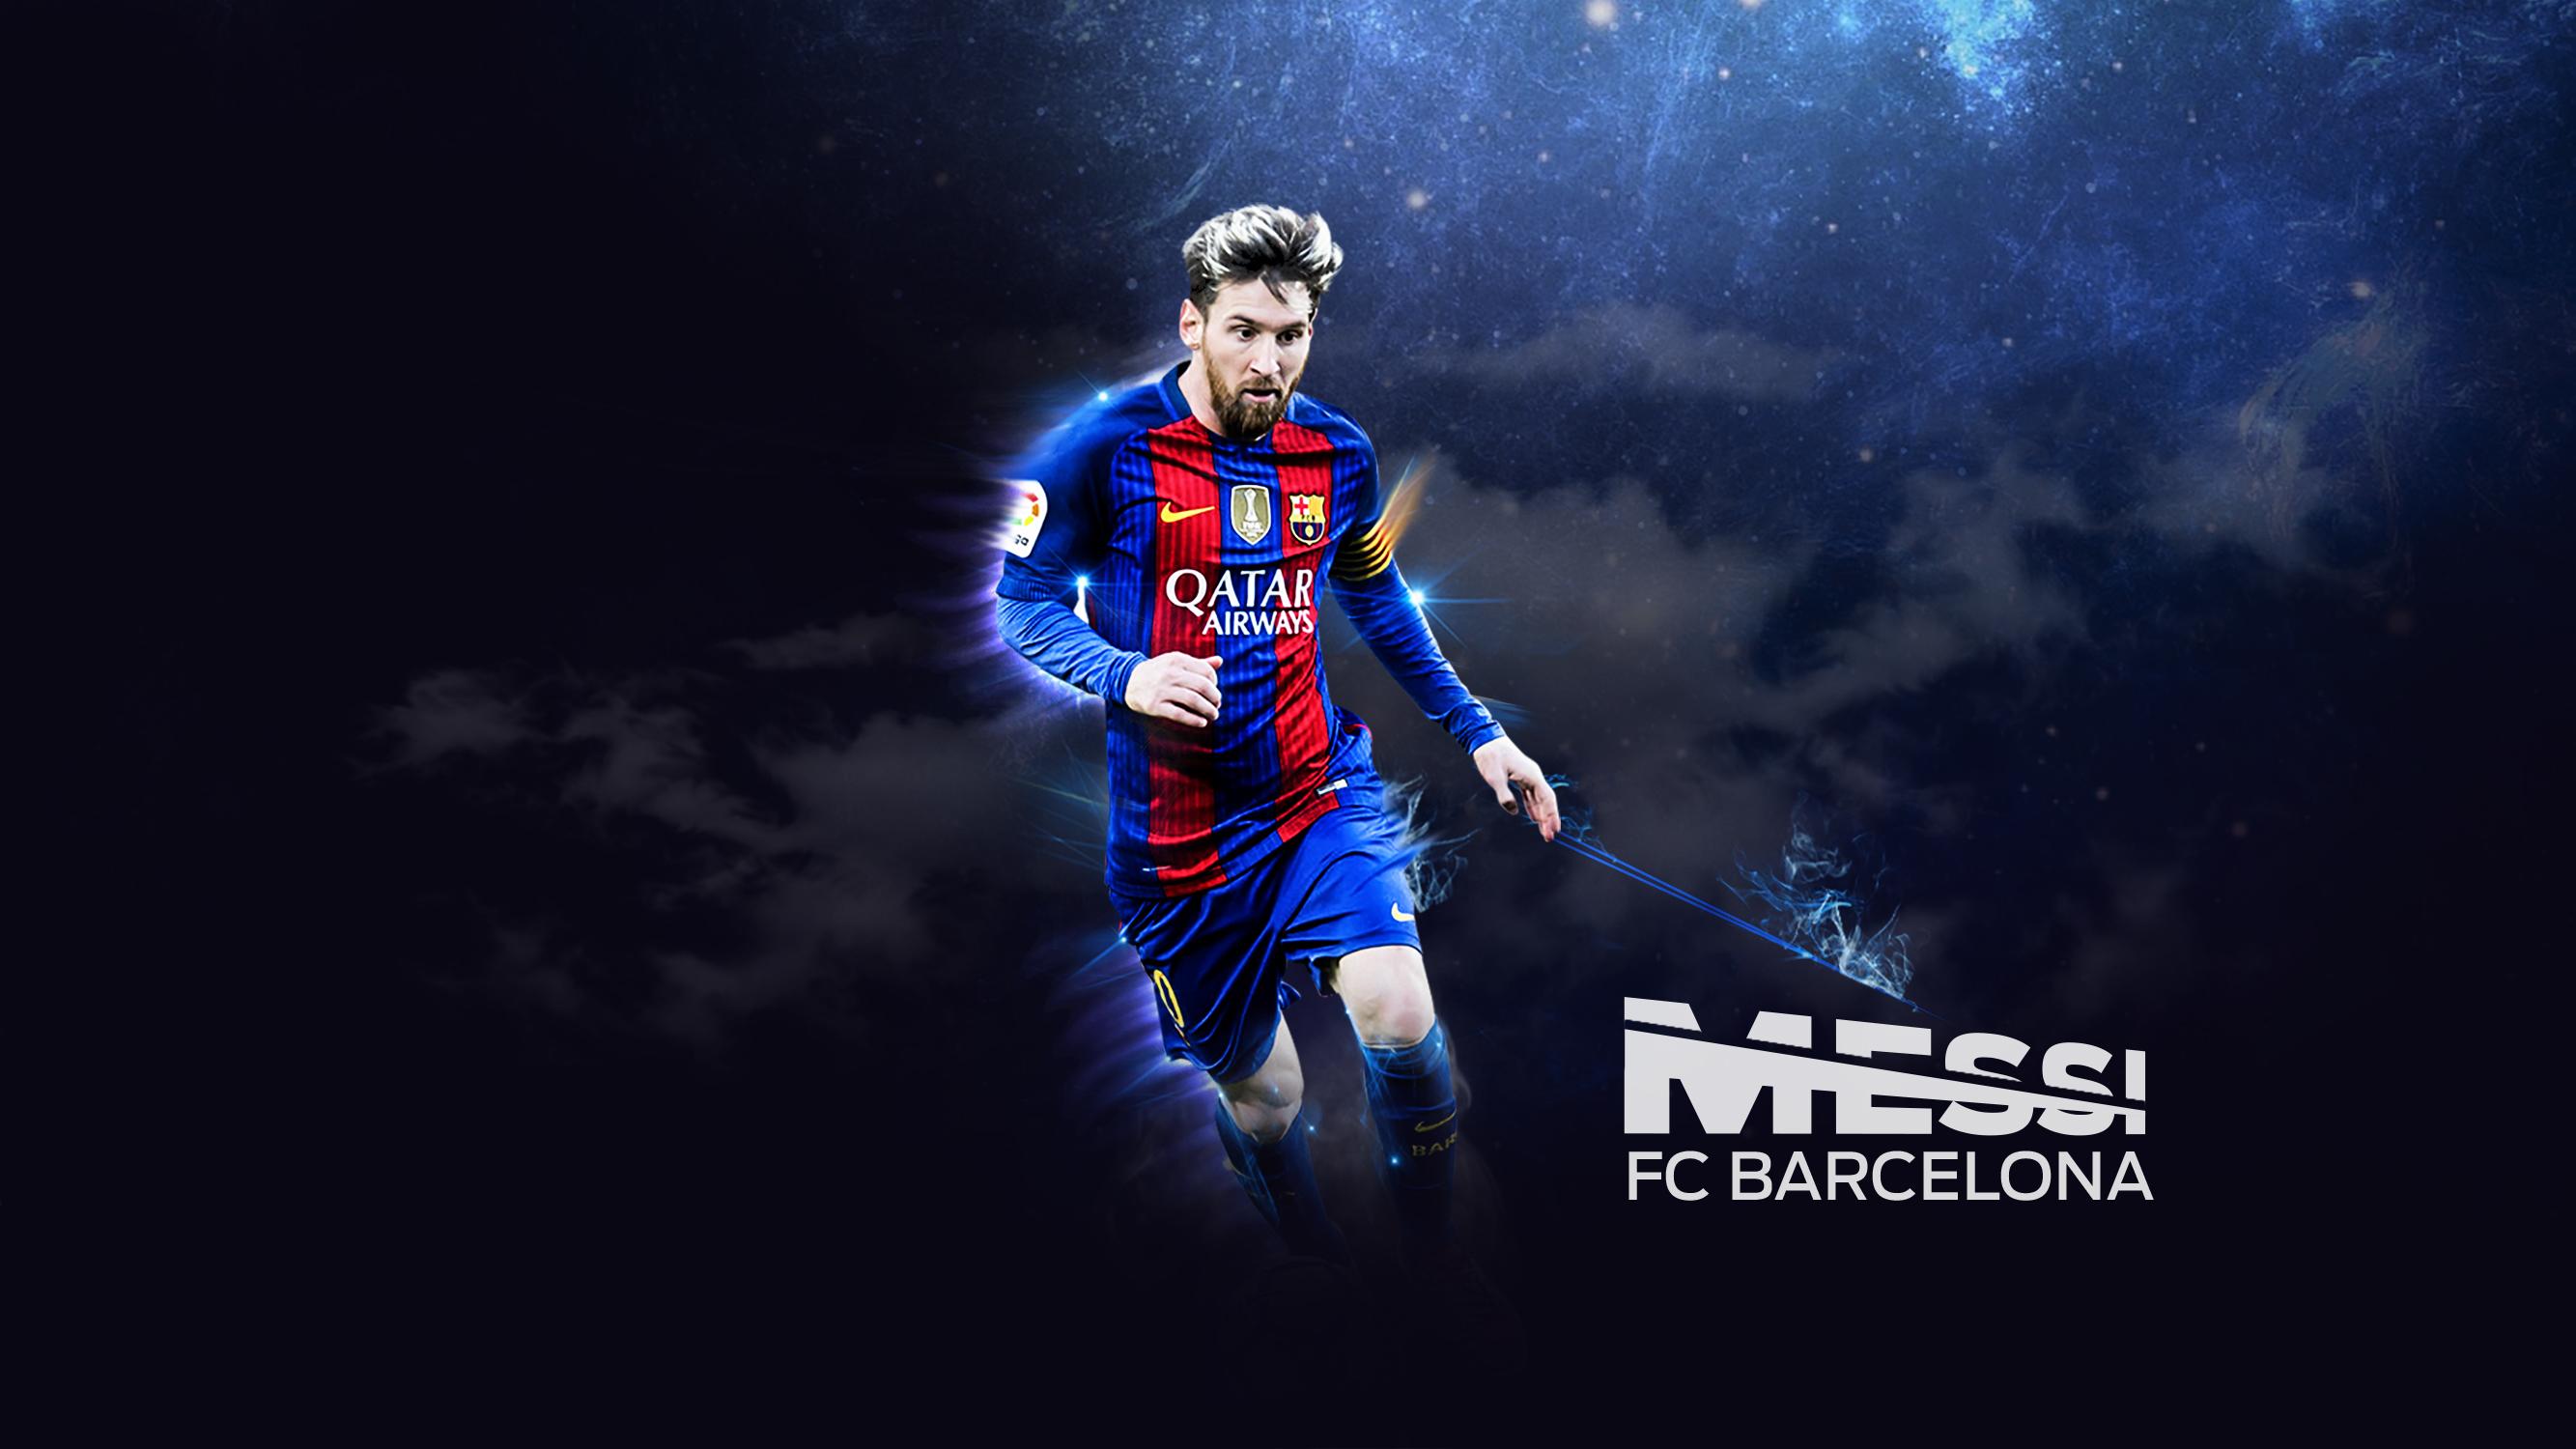 """Футболист """"Барселоны"""" Лионель Месси обои скачать"""